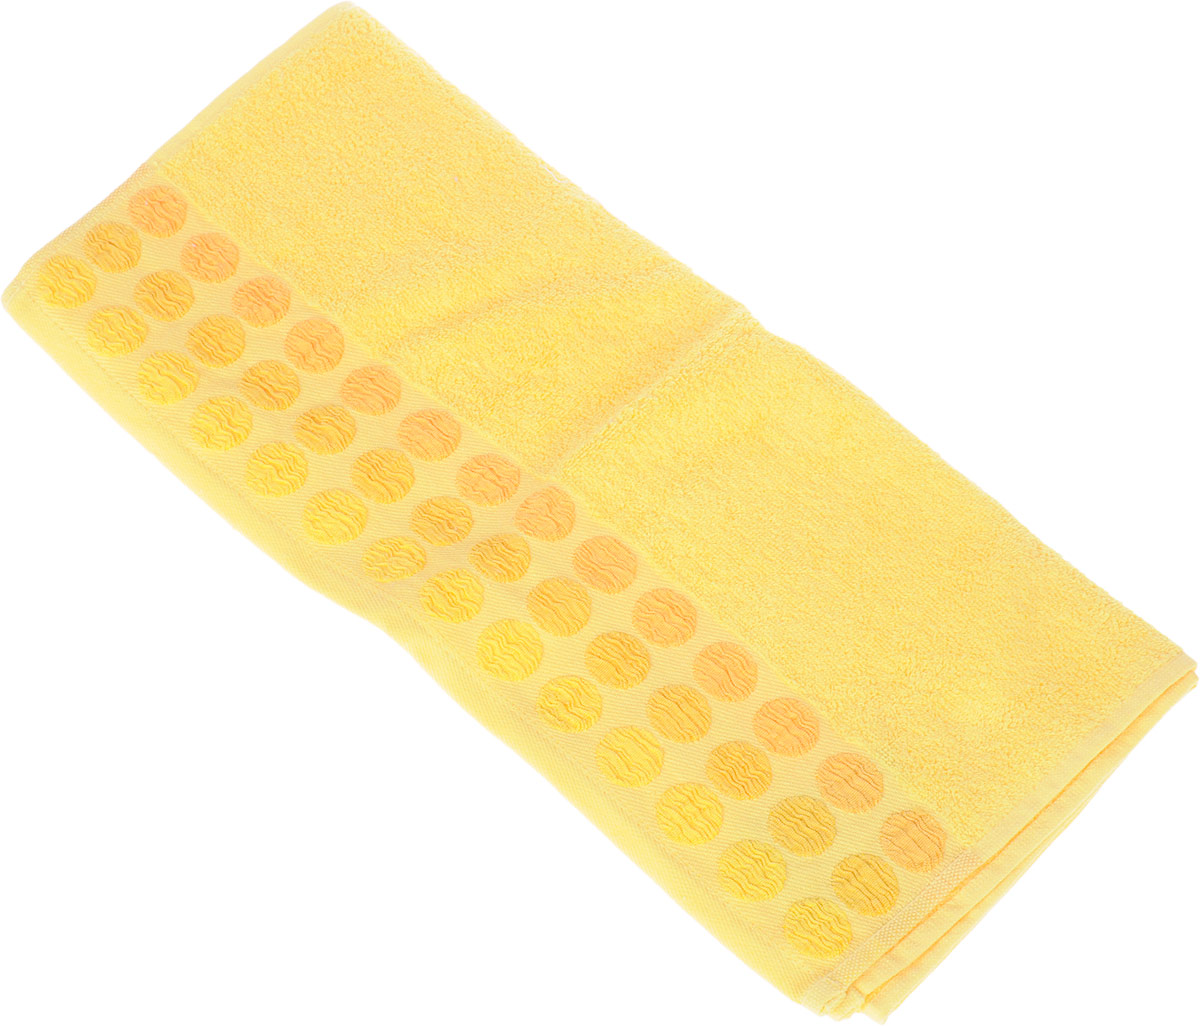 Полотенце Brielle Point, цвет: желтый, 50 х 90 см531-105Полотенце Brielle Point выполнено из 100% хлопка. Изделие очень мягкое, оно отлично впитывает влагу, быстро сохнет, сохраняет яркость цвета и не теряет формы даже после многократных стирок. Модель оформлена рисунком.Полотенце Brielle Point очень практично и неприхотливо в уходе. Такое полотенце послужит приятным подарком.